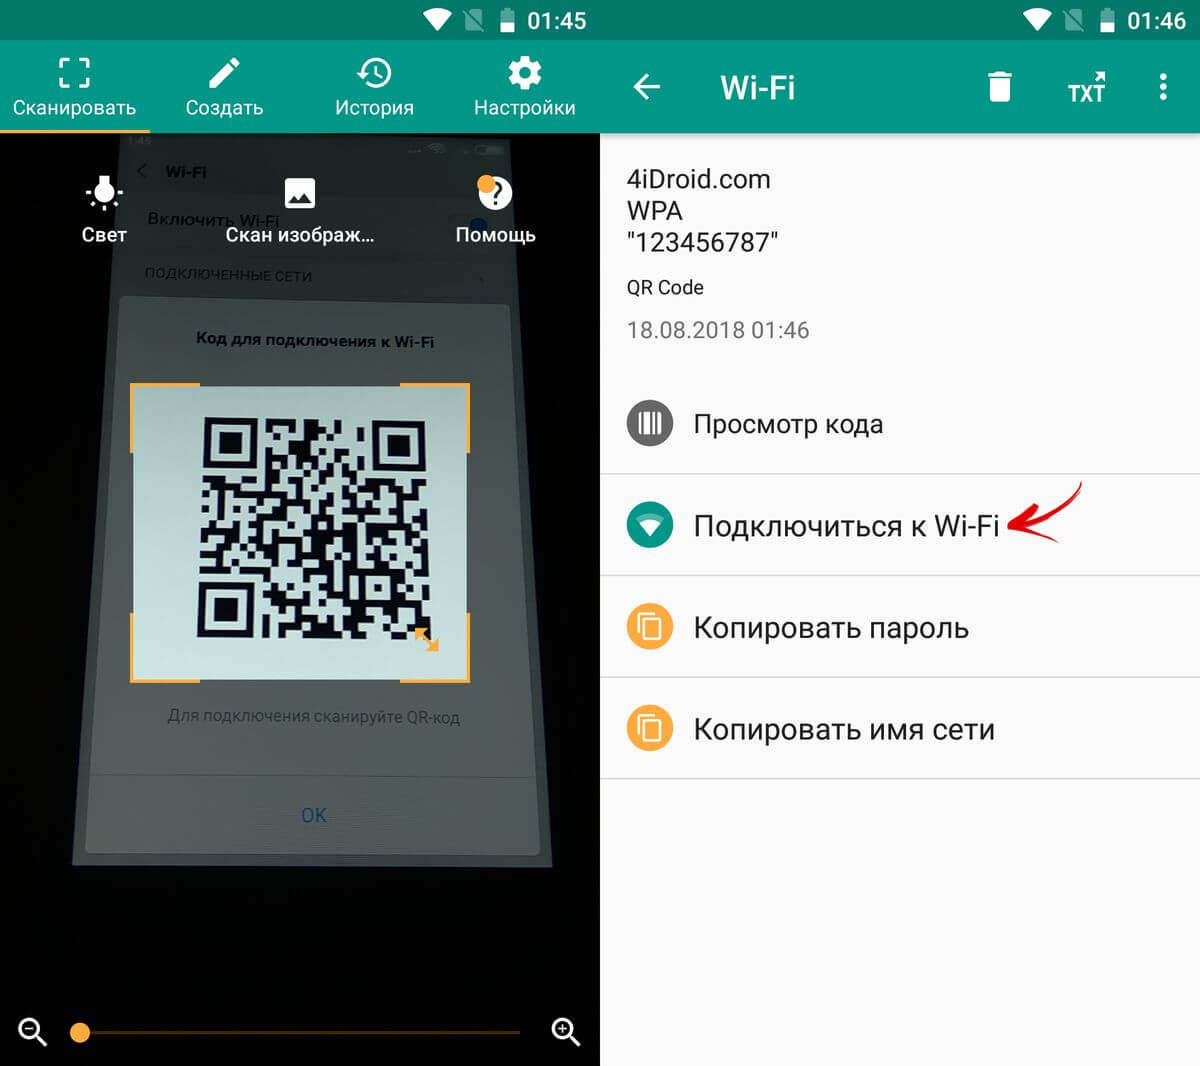 Подключение к Wi-Fi по QR-коду